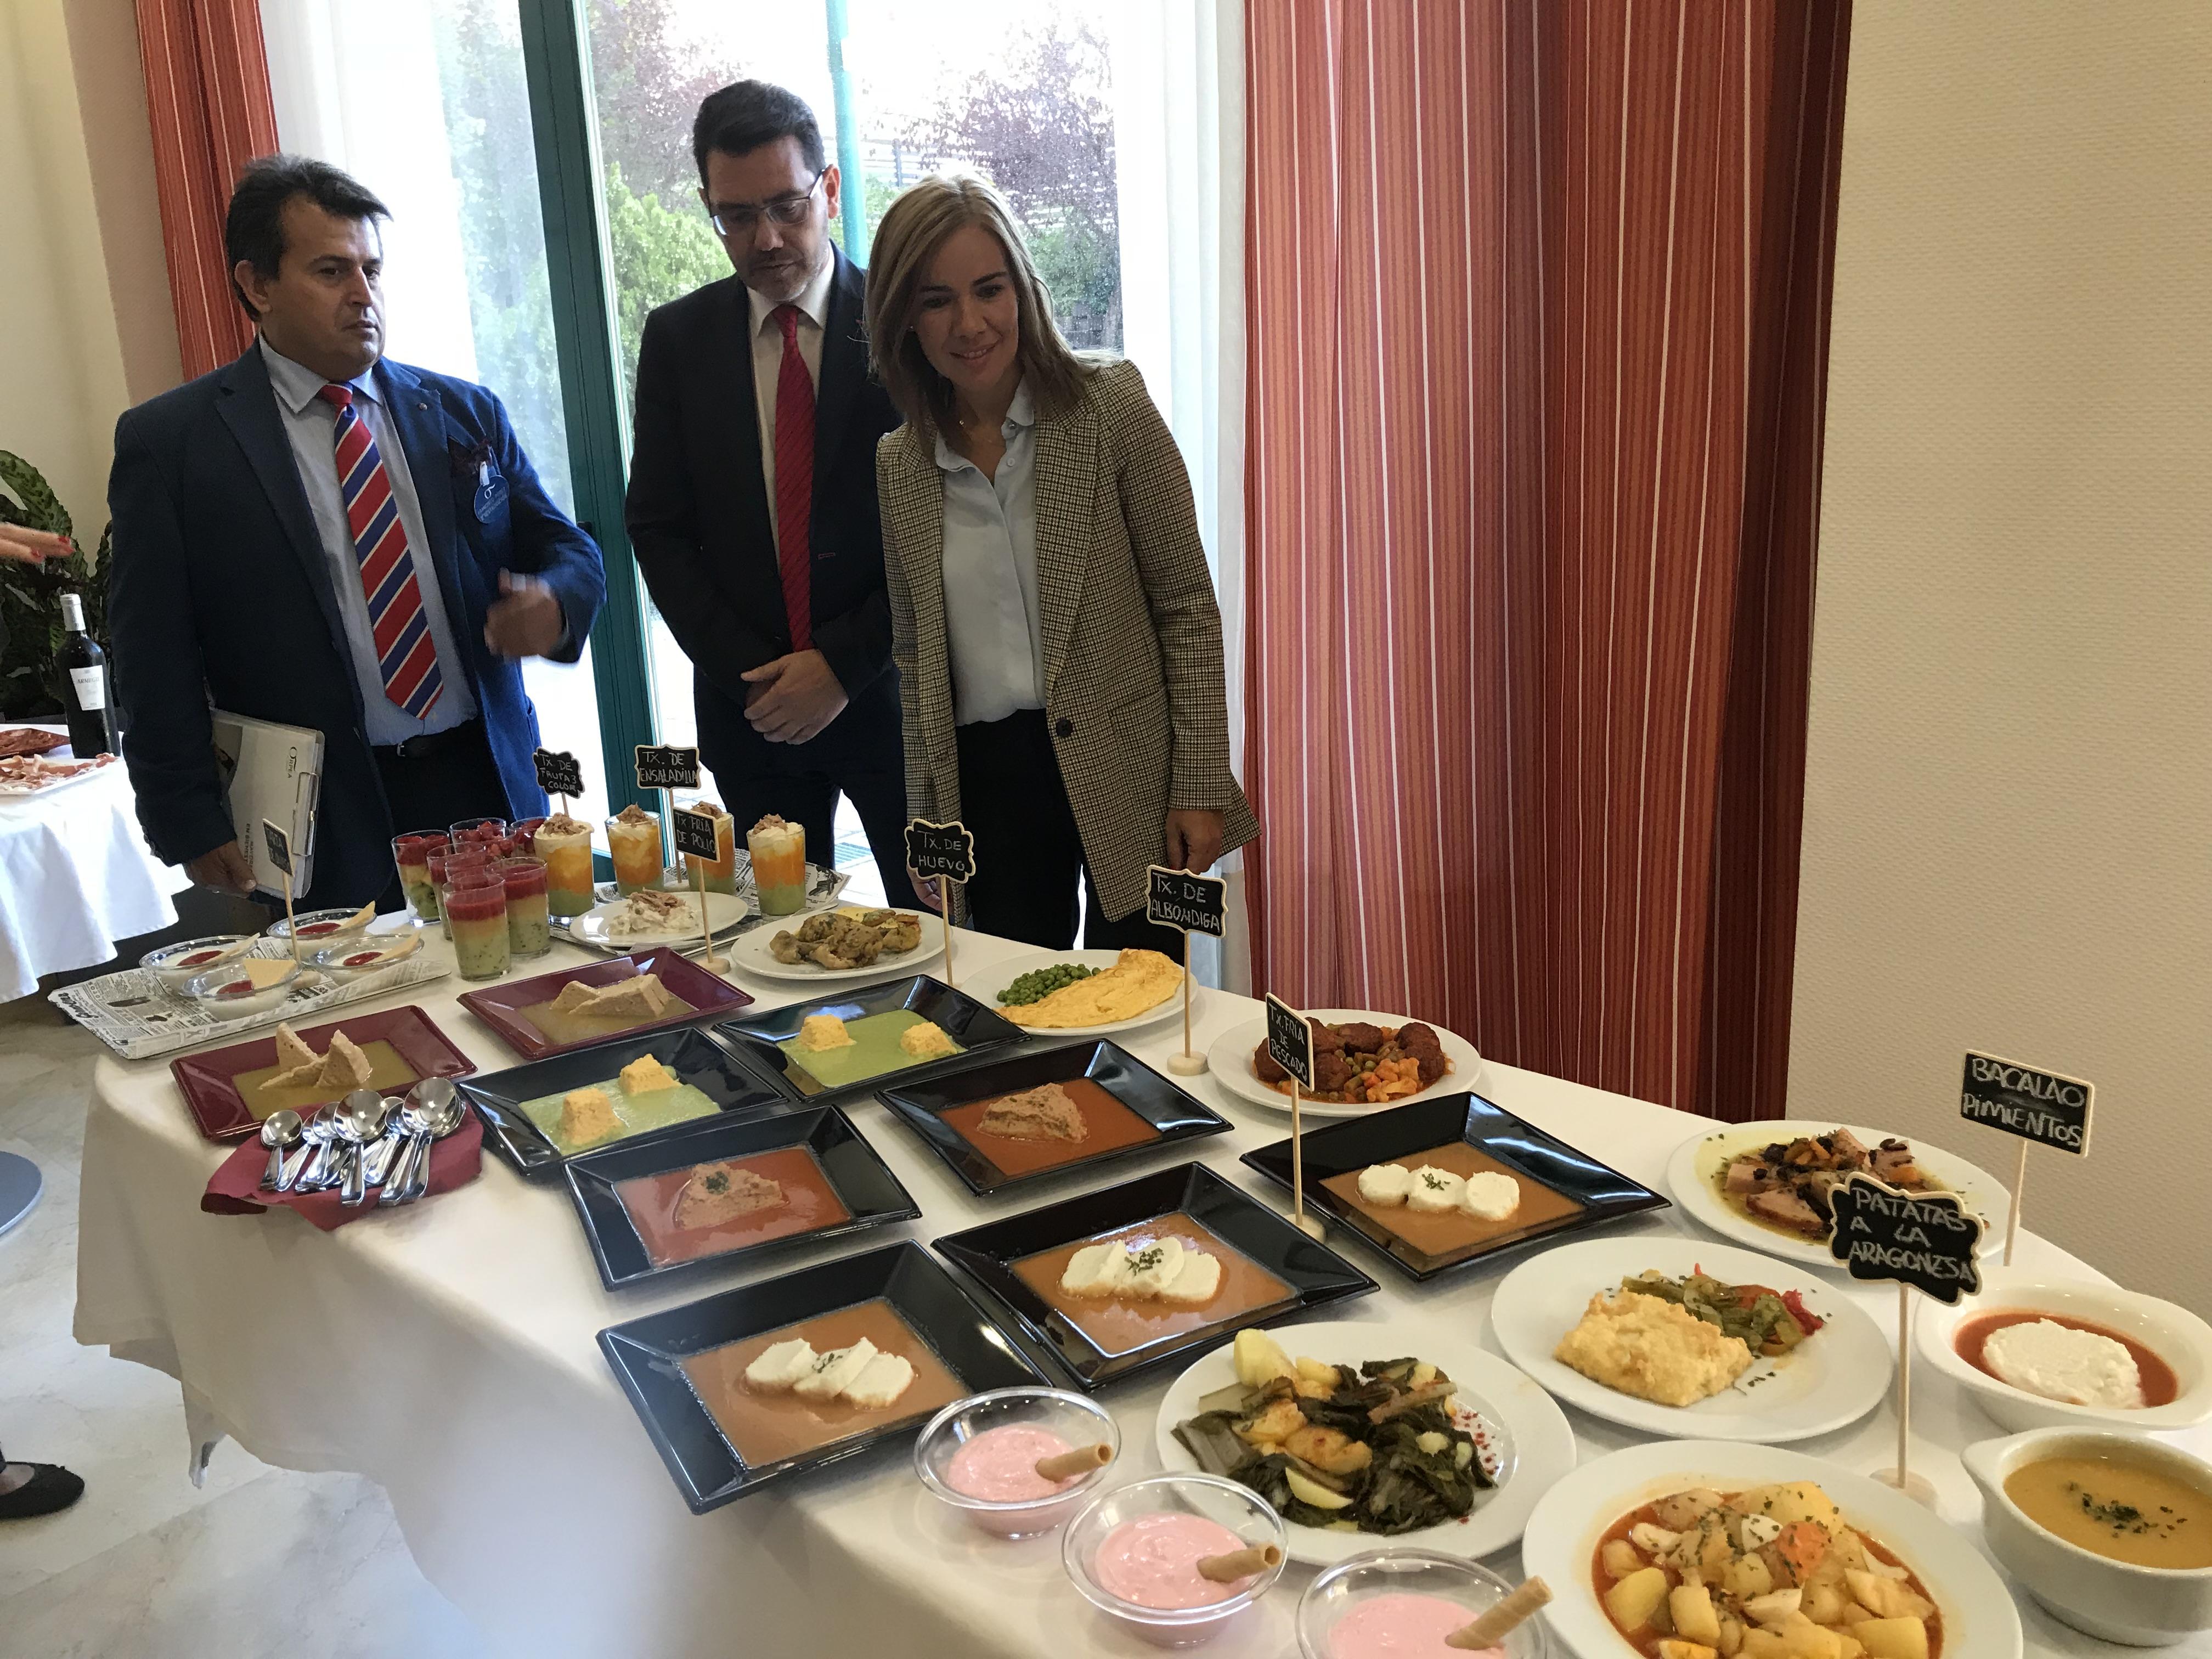 La viceconsejera de Políticas Sociales de la CAM visita ORPEA Pinto 1 para conocer el sistema de comidas texturizadas